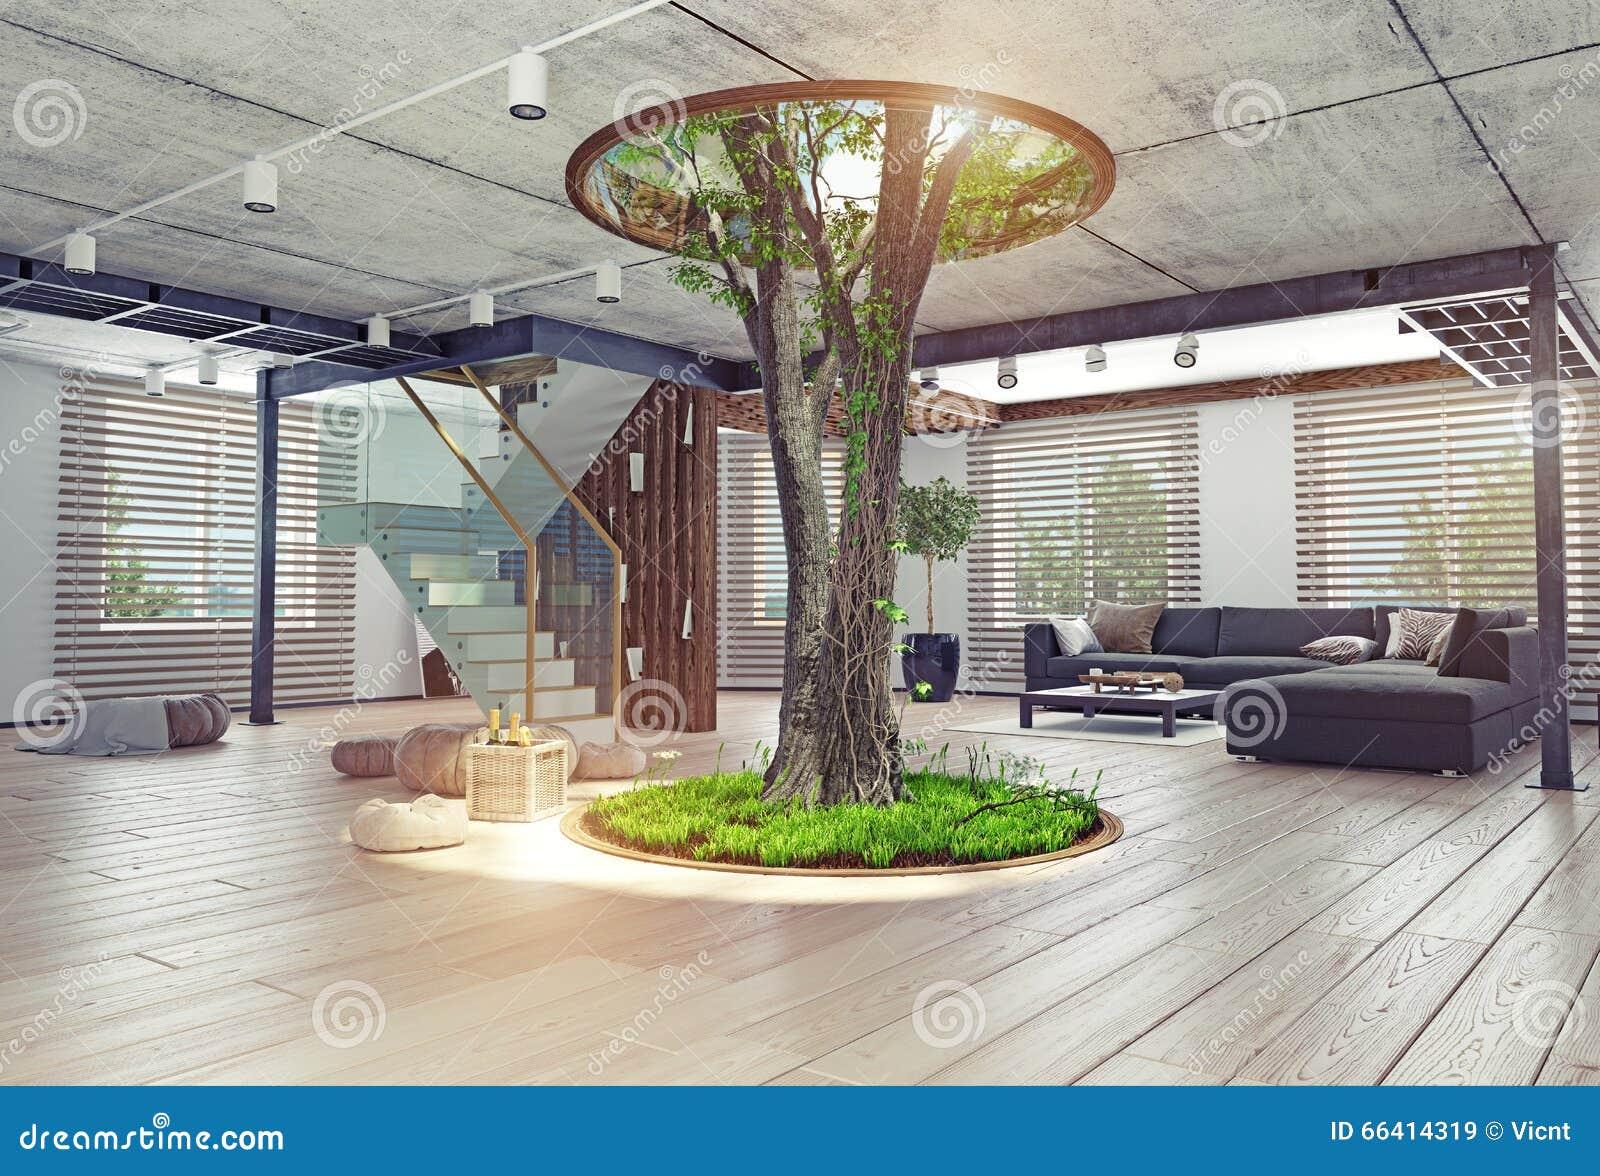 real living tree indoor concept stock illustration illustration of comfortable modern 66414319. Black Bedroom Furniture Sets. Home Design Ideas